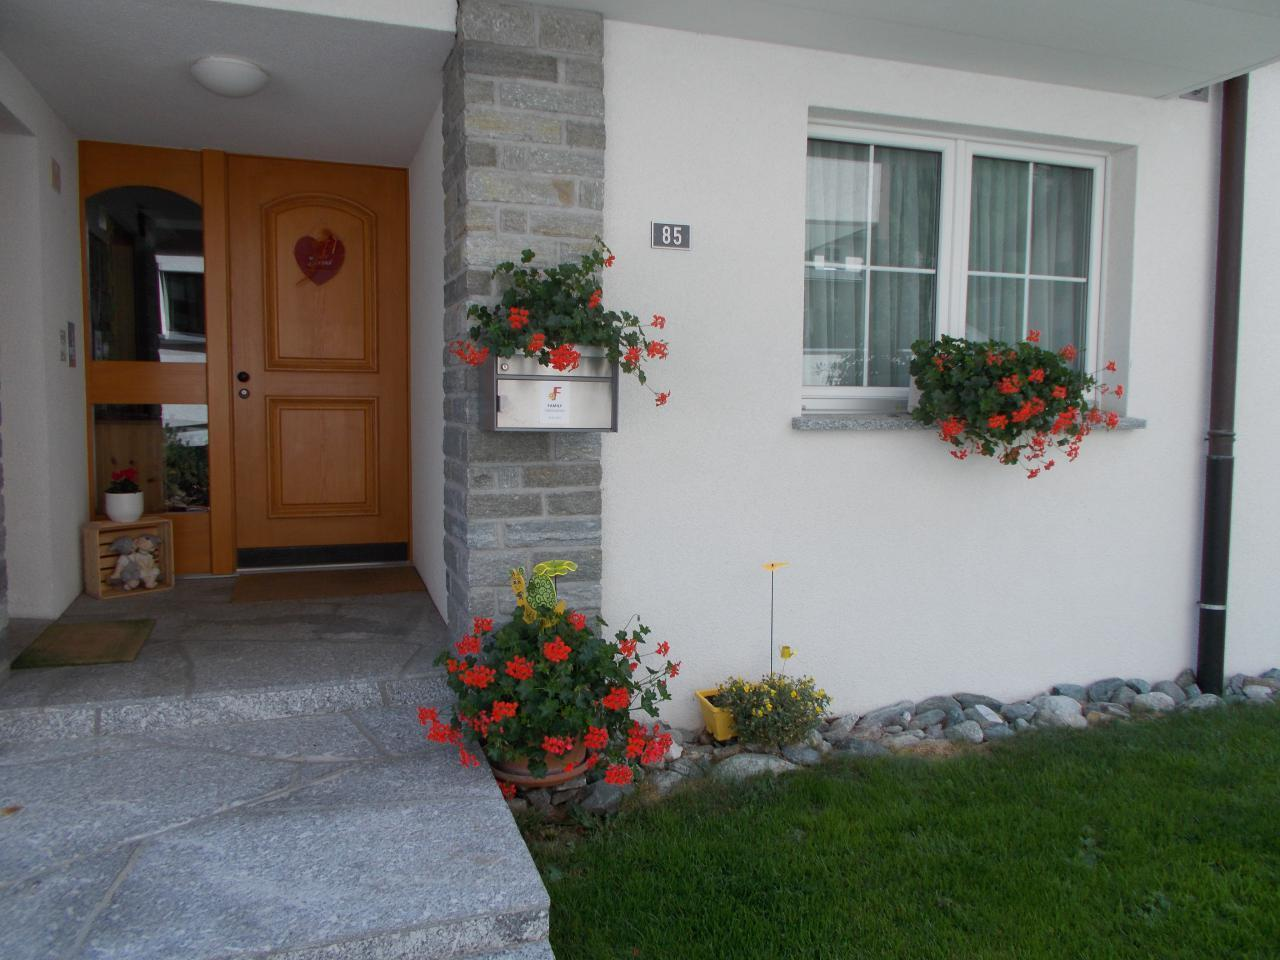 Ferienwohnung für 2 - 5 Personen mit zwei getrennten Schlafzimmern (692149), Saas Almagell, Saastal, Wallis, Schweiz, Bild 2